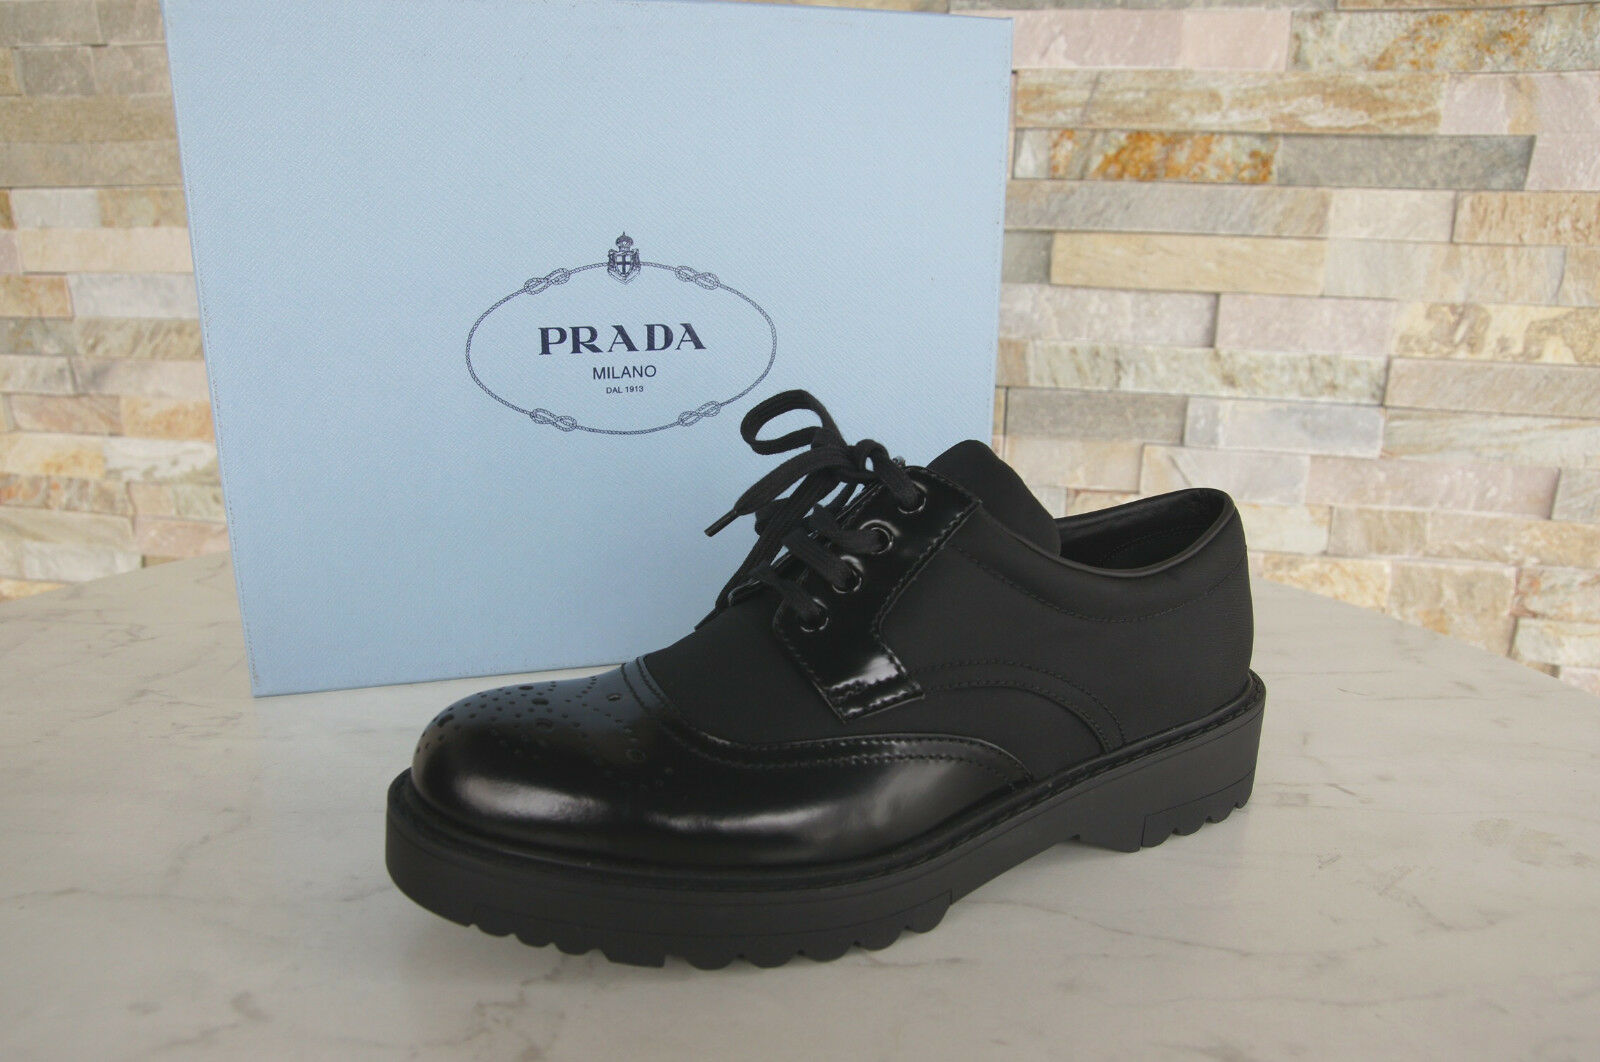 Prada 40 Talla Zapatos de Cordones Cordones Cordones Zapatos 1E038H Negras Nueva Antiguo  tiendas minoristas